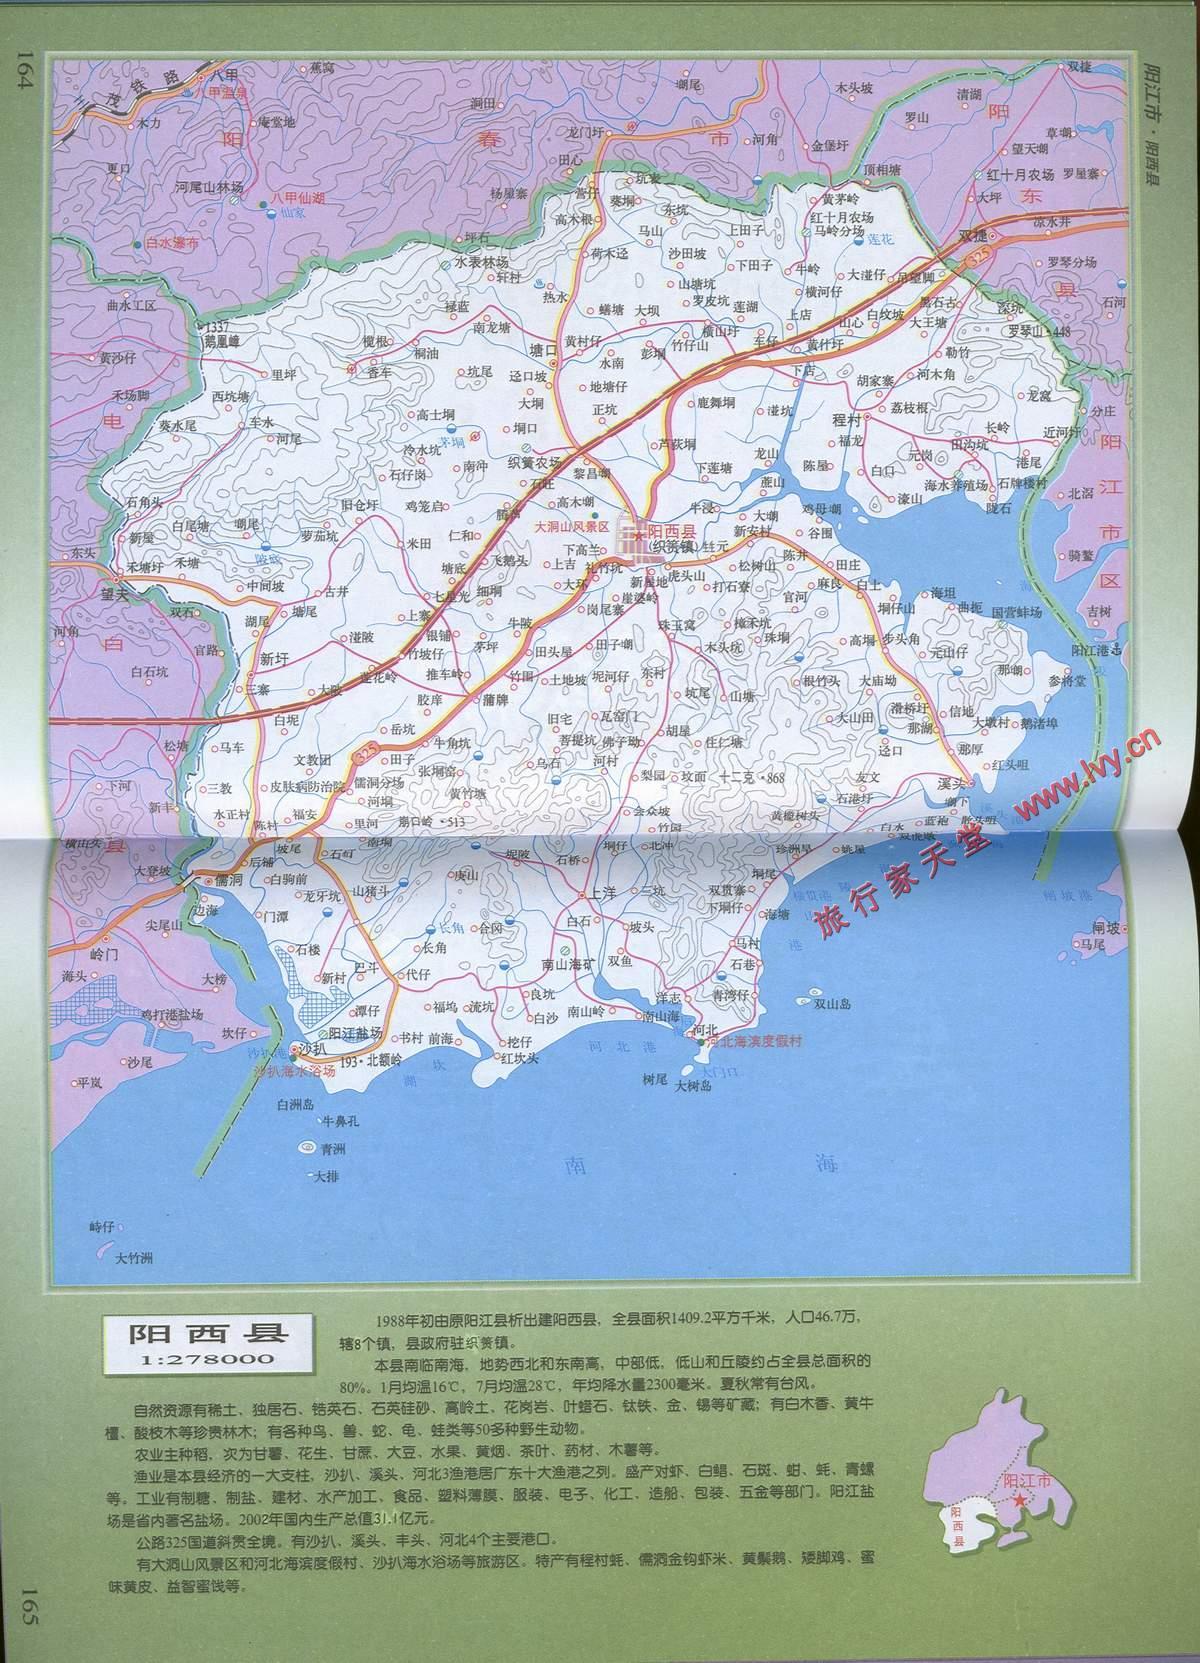 广东省阳江市地图 广东省阳江市海陵岛 广东省阳江市